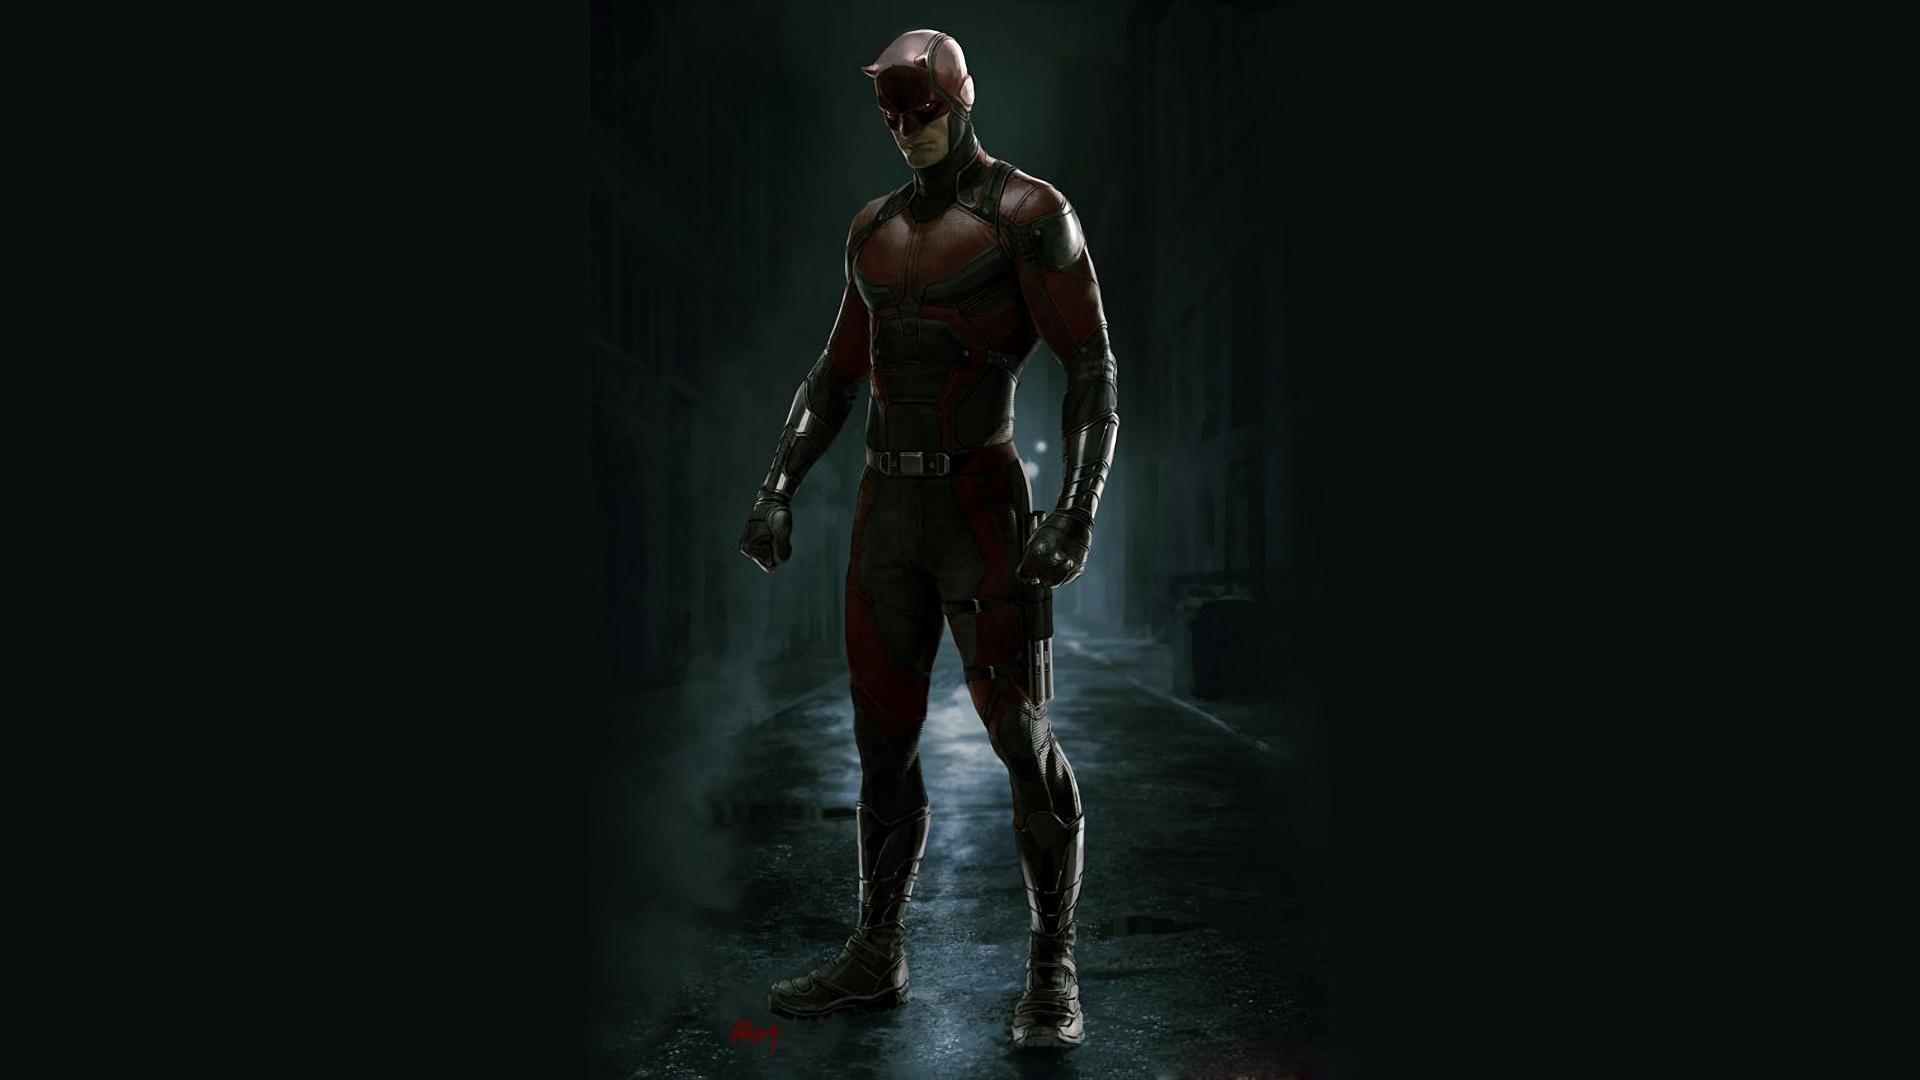 Magnificent-Daredevil-Wallpaper-001